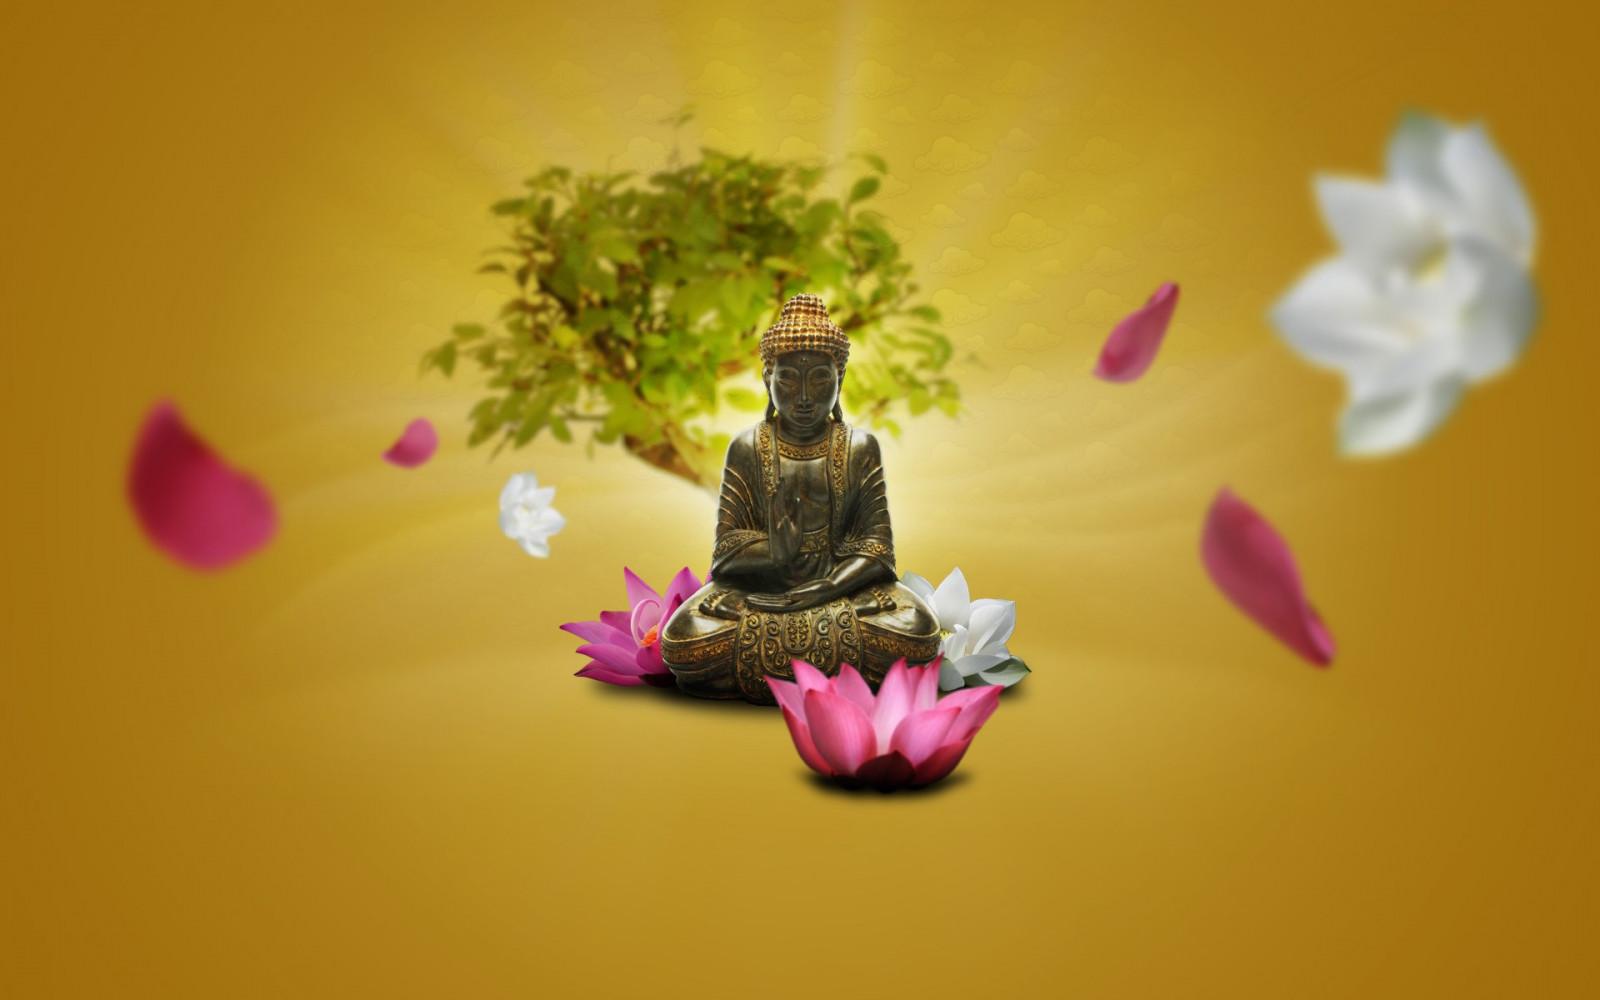 Fond d'écran : vert, jaune, rose, Fleurs de lotus, méditation, Bouddha, Zen, ART, Couleur, fleur ...